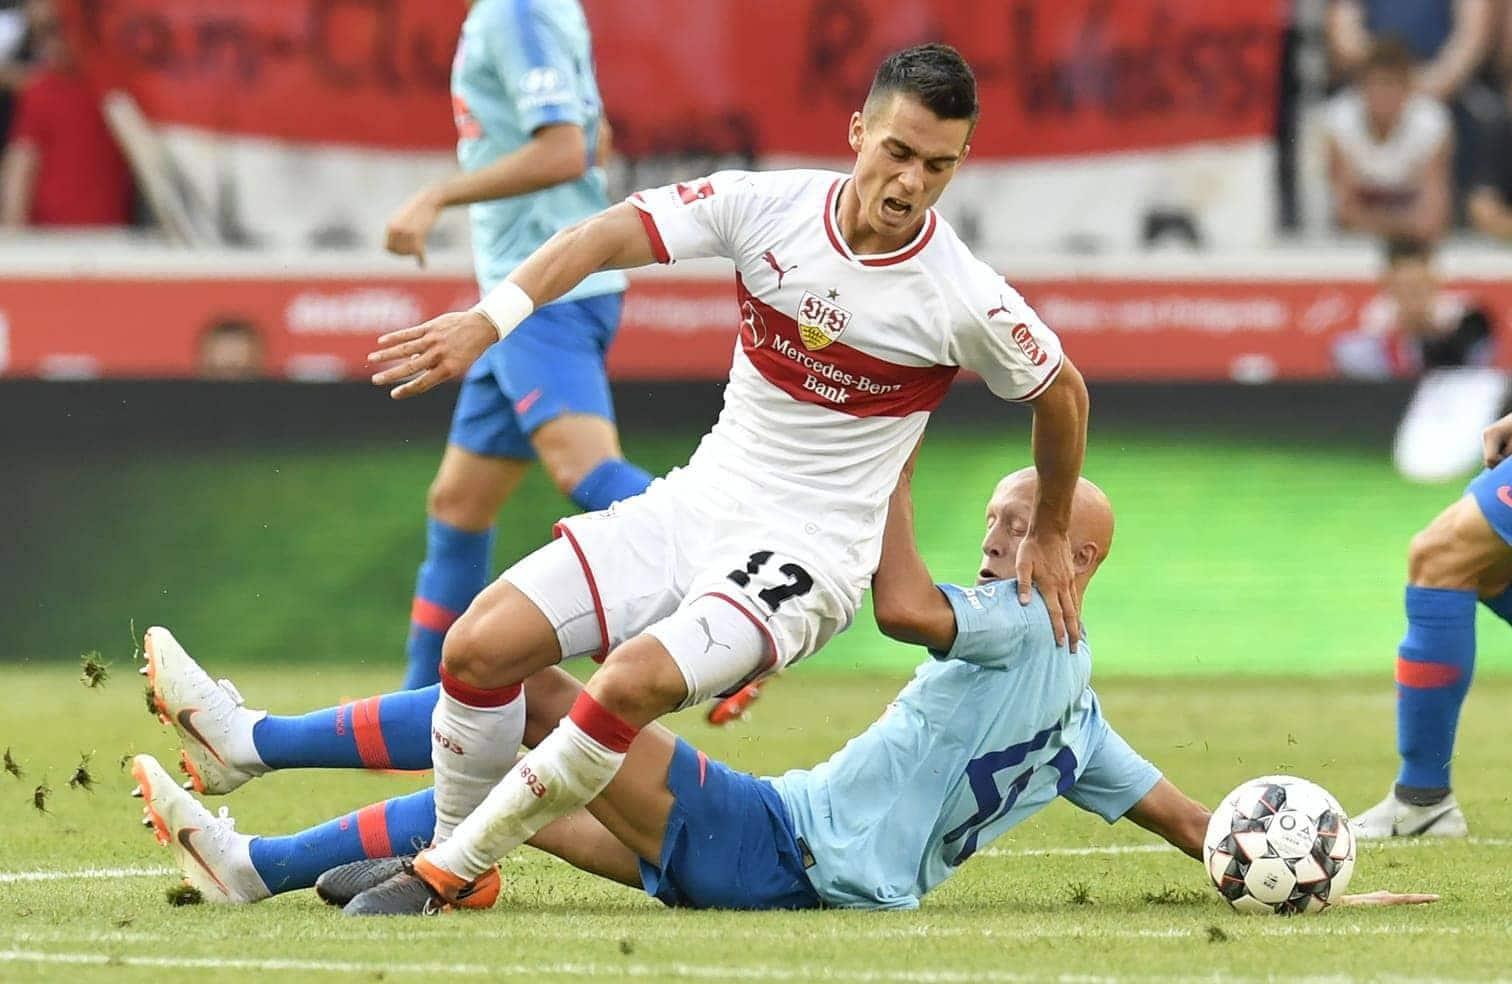 <p><strong>Platz 2: Eintracht Frankfurt</strong></p>